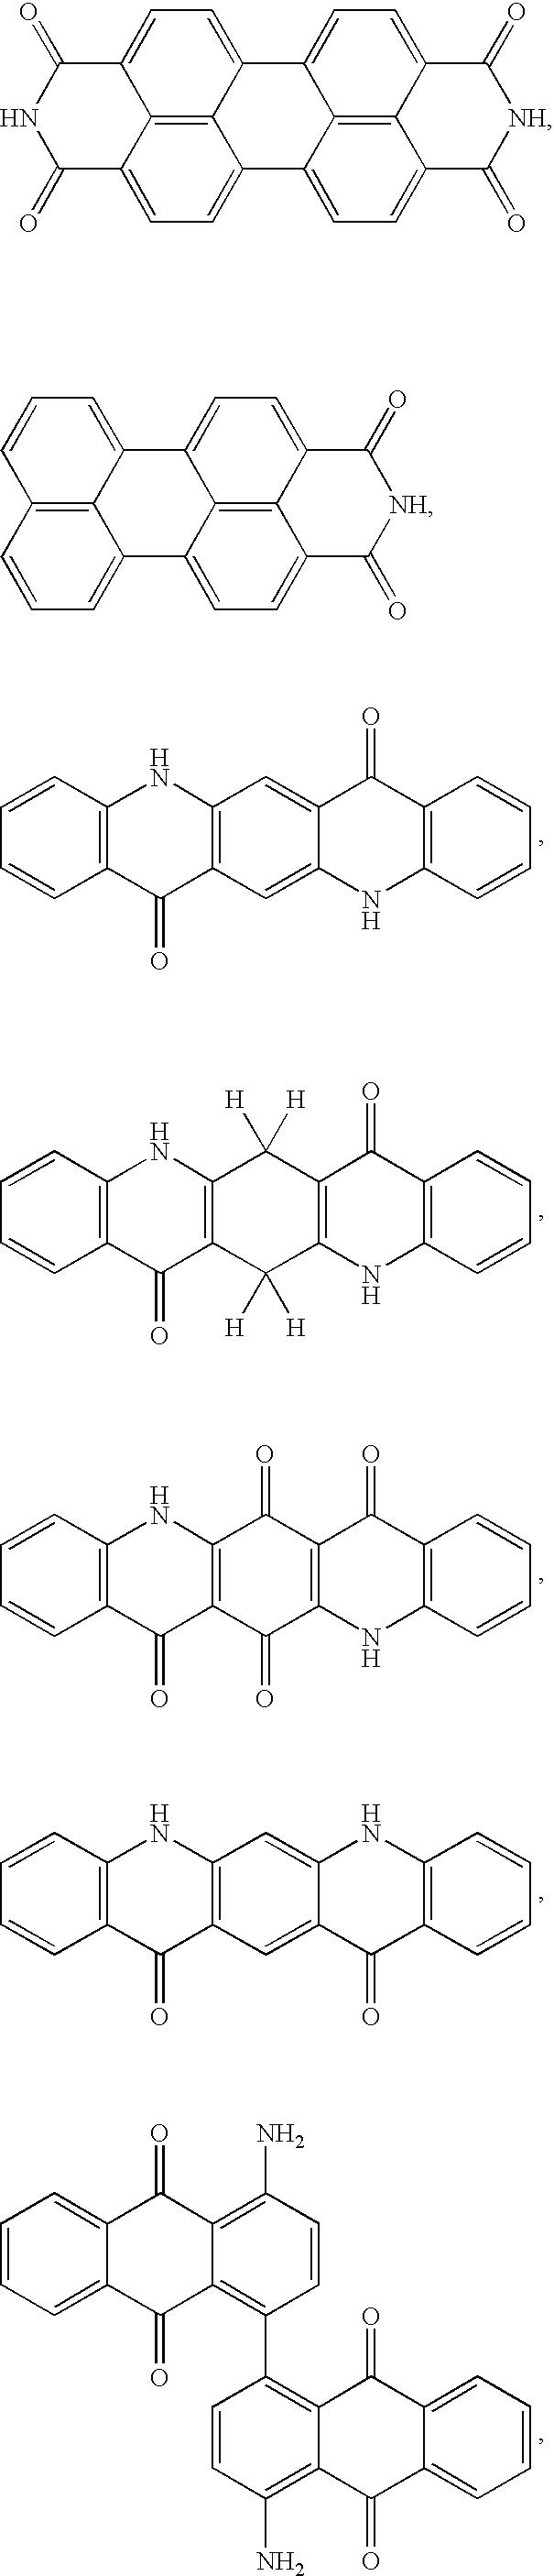 Figure US06645257-20031111-C00003